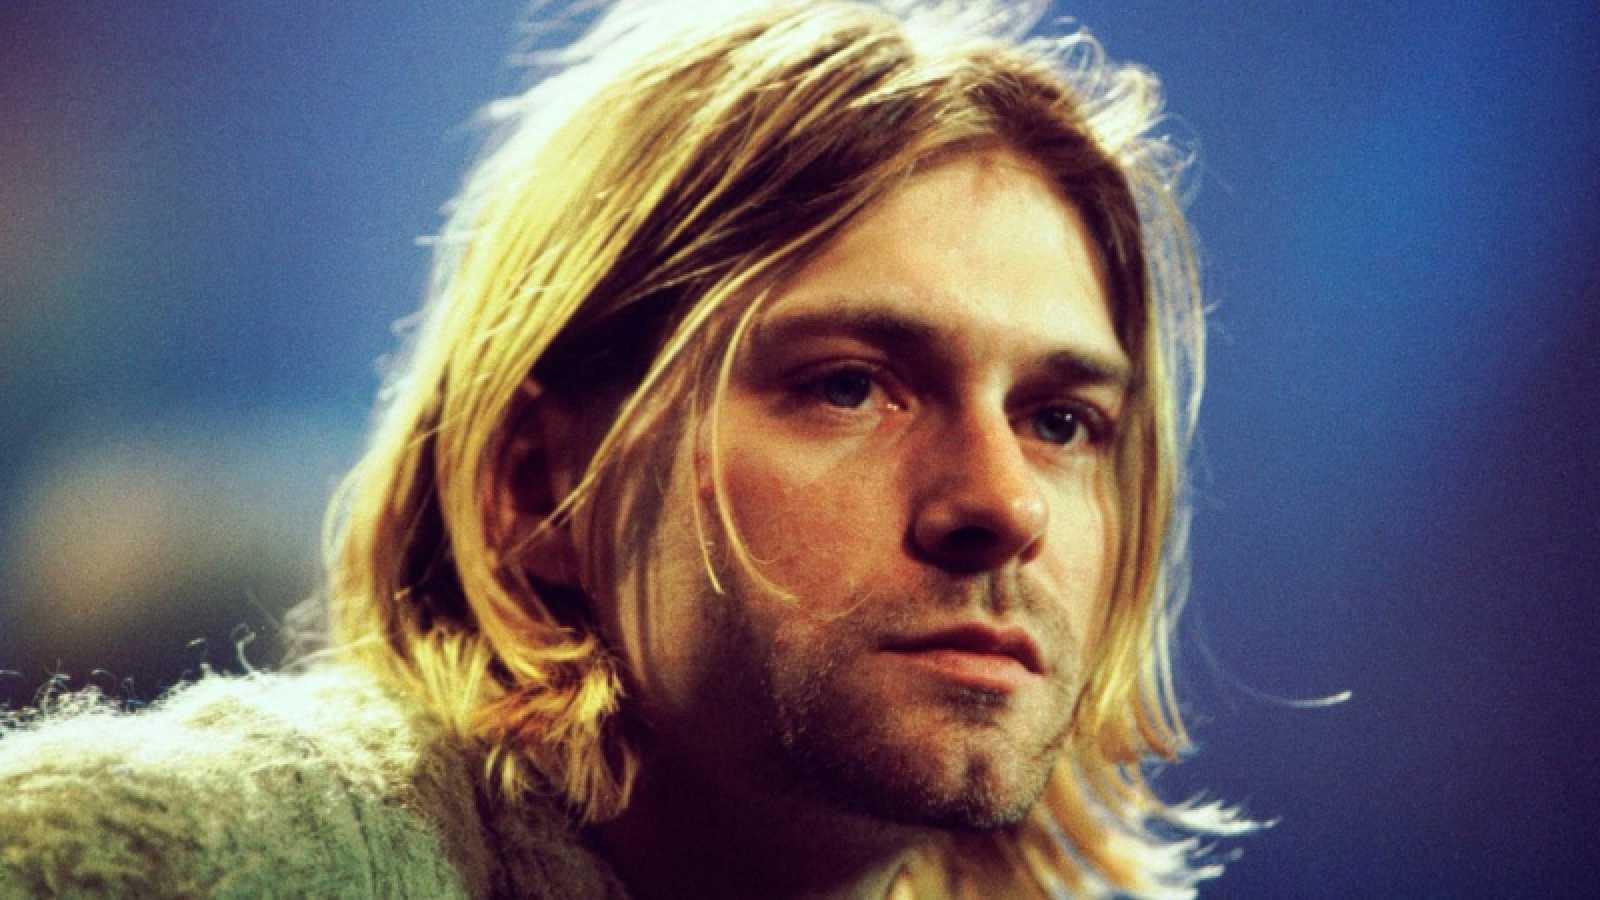 Próxima parada - Lana Del Rey & Silver Jews y Kurt Cobain - 18/11/20 - escuchar ahora